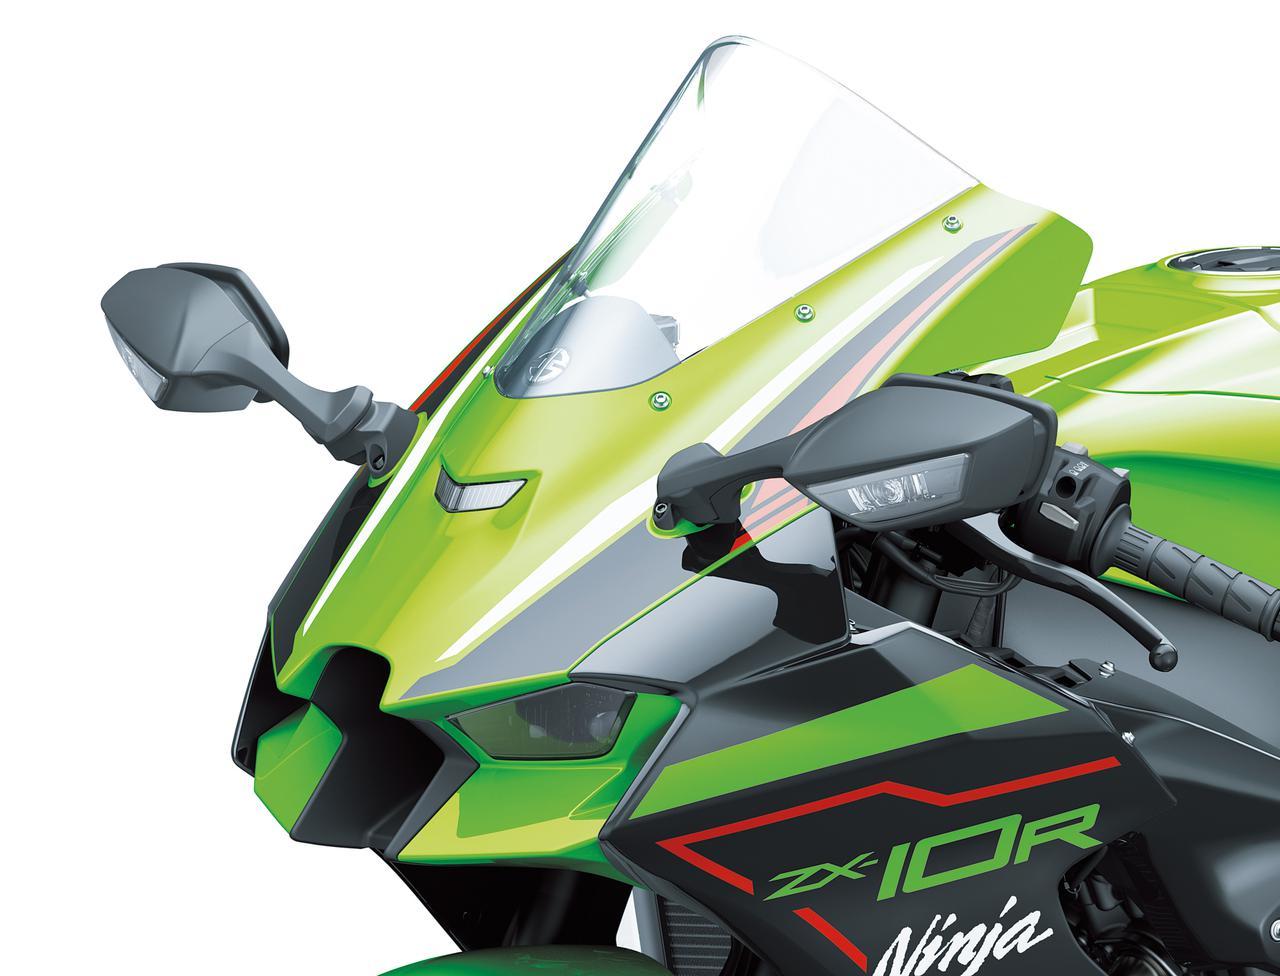 カワサキ新型「Ninja ZX-10R」を解説! 2021年型は空力性能を追求、クルーズコントロールも搭載